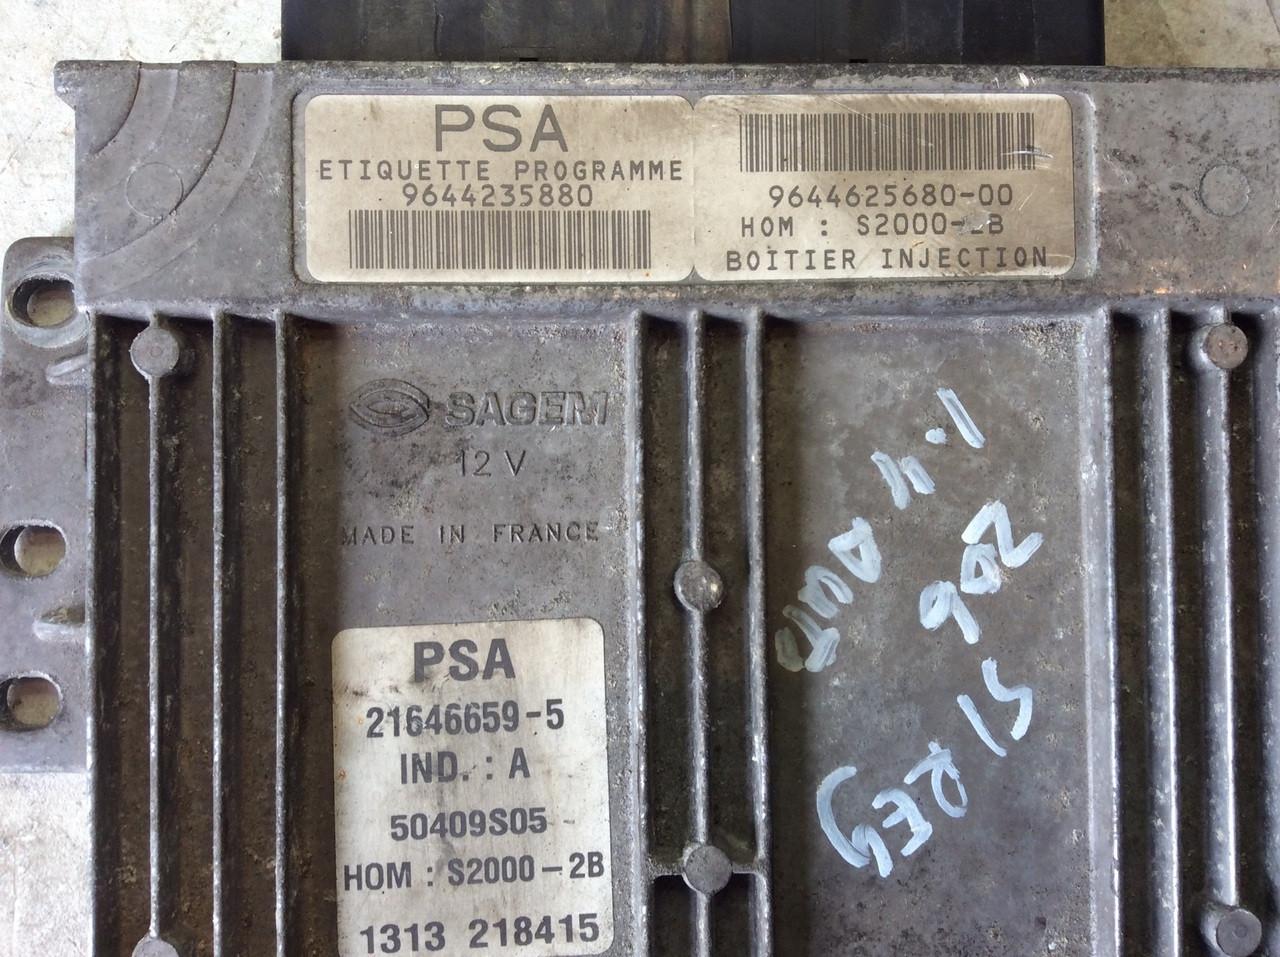 PSA, S2000-2B, 9644235880, 9644625680-00, 21646659-5, IND A